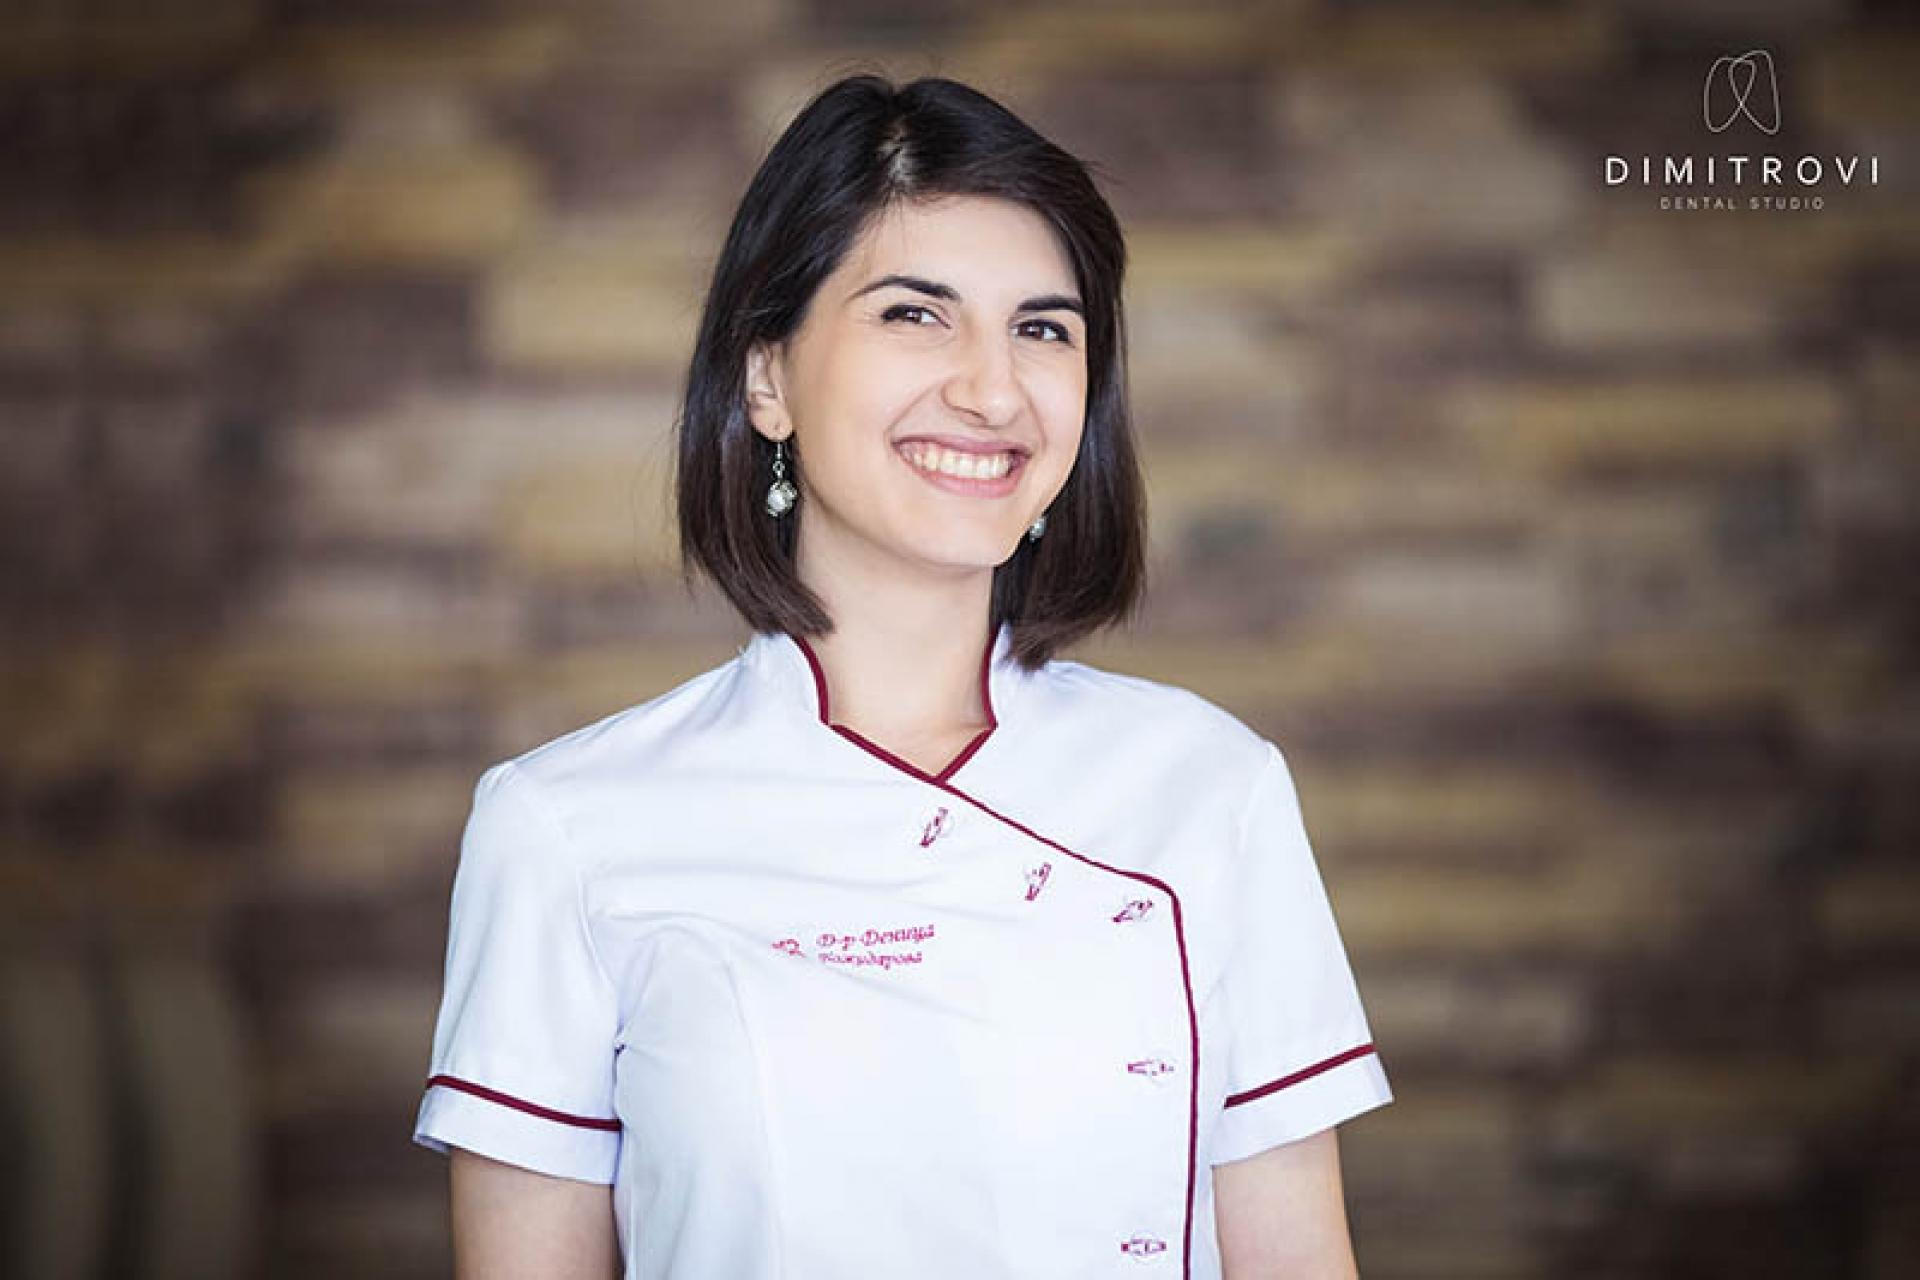 DR. DENITSA BOZHIDAROVA